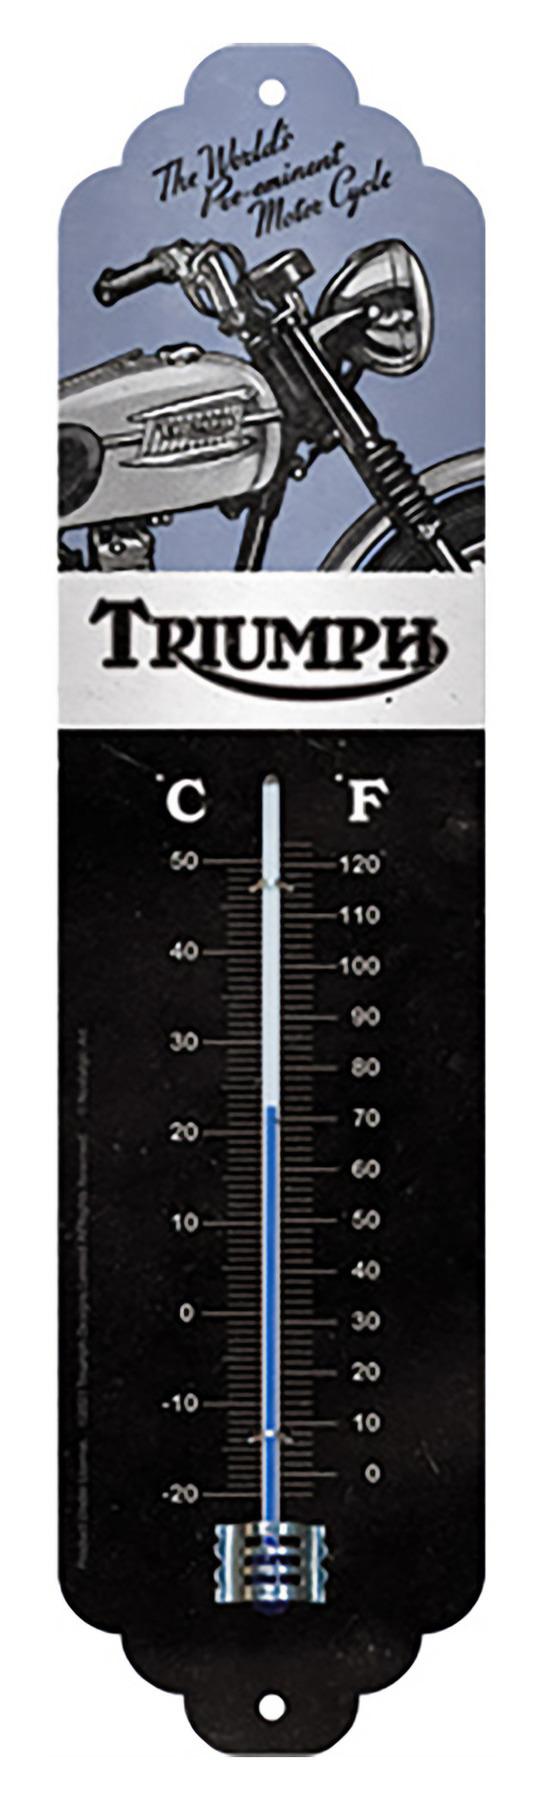 Thermomètre Triumph